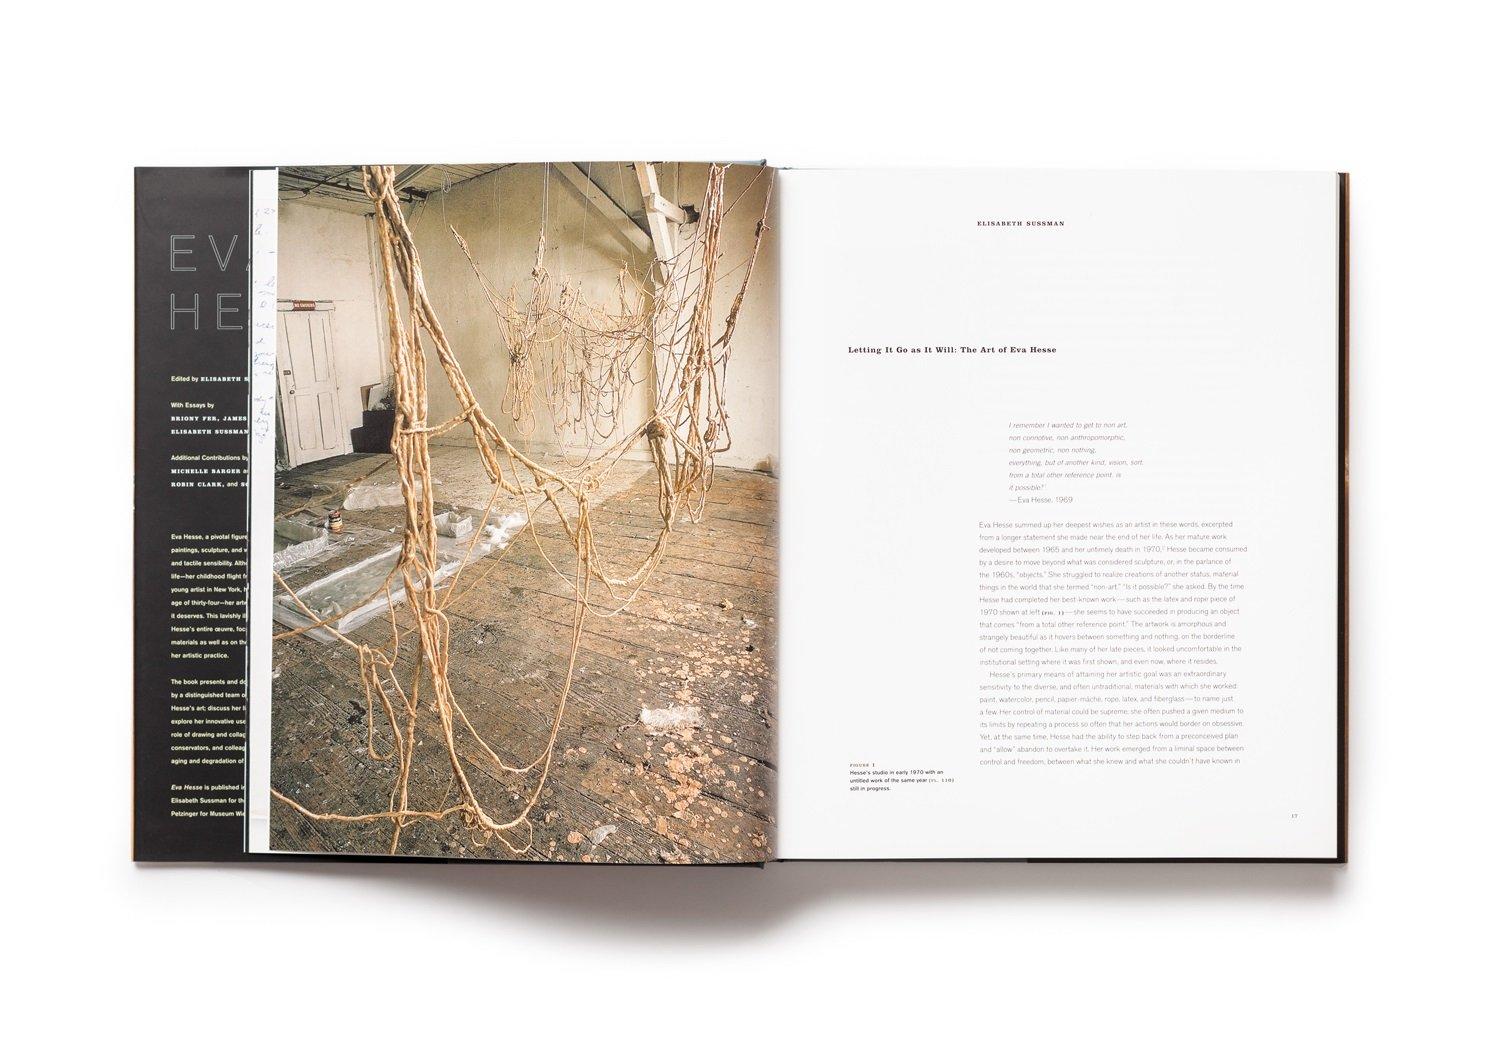 Eva Hesse publication pages 16-17